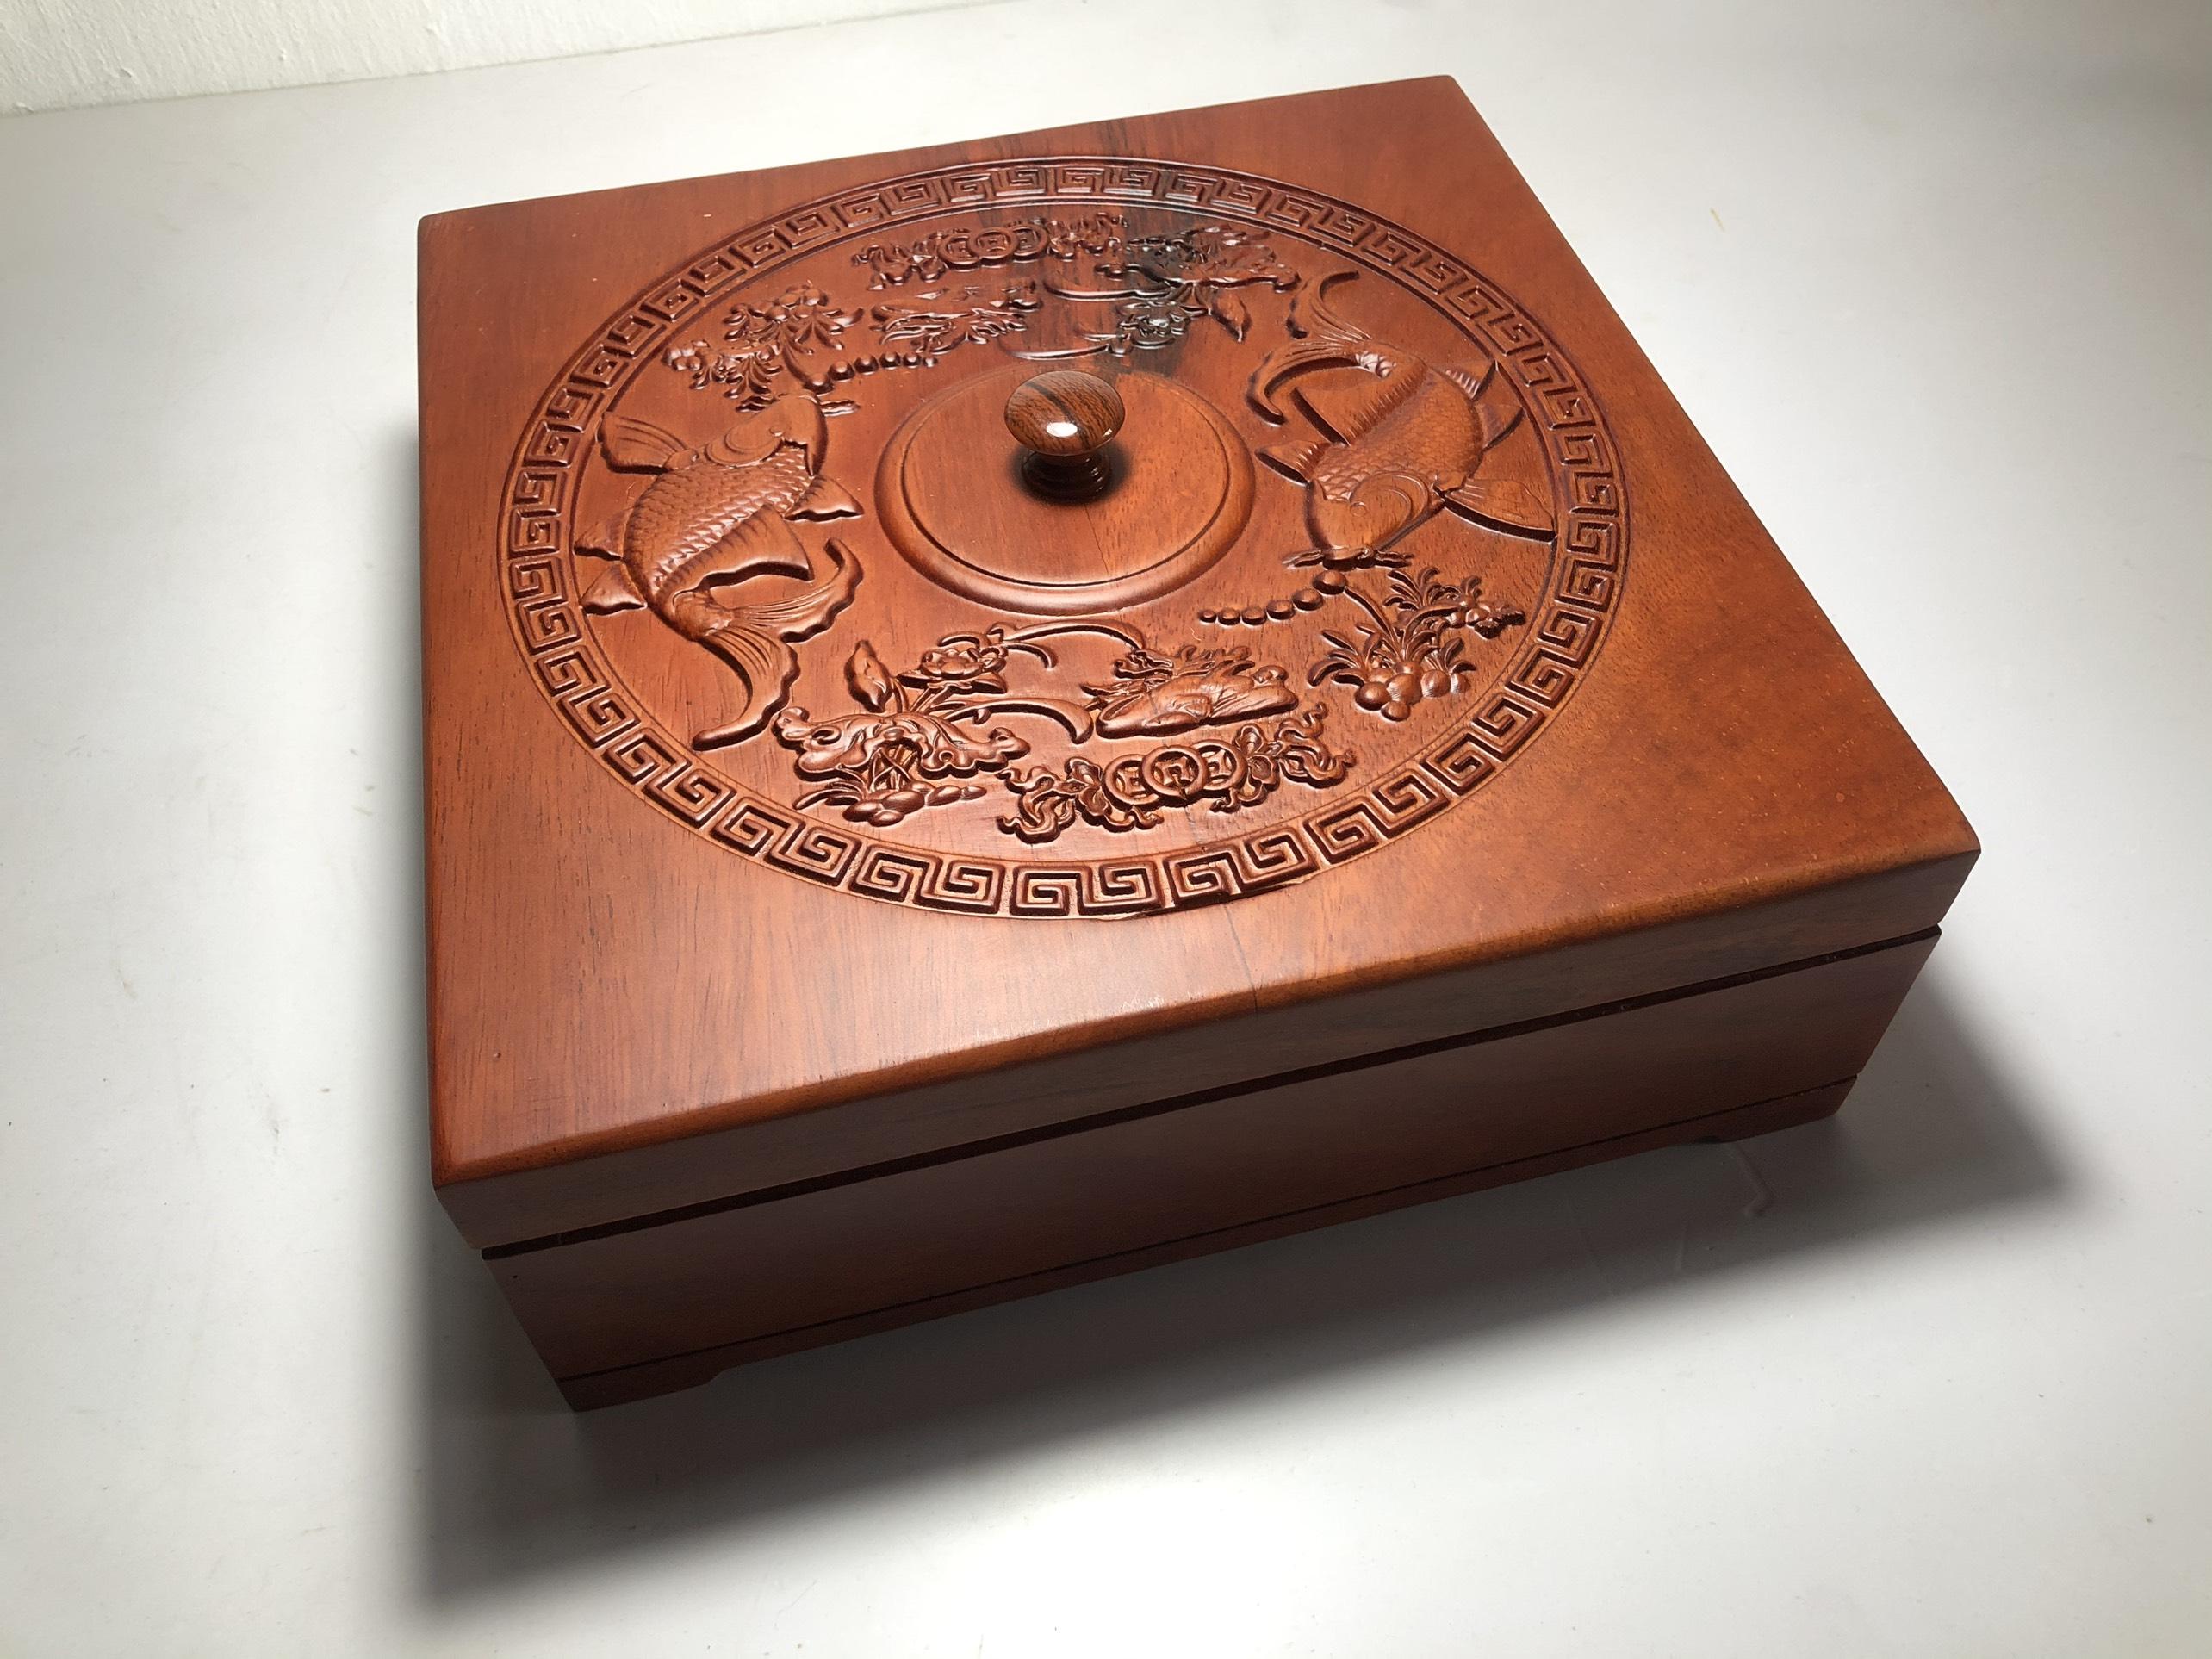 Khay mứt đựng bánh kẹo - hộp đựng mứt vuông gỗ hương chạm khắc tinh xảo